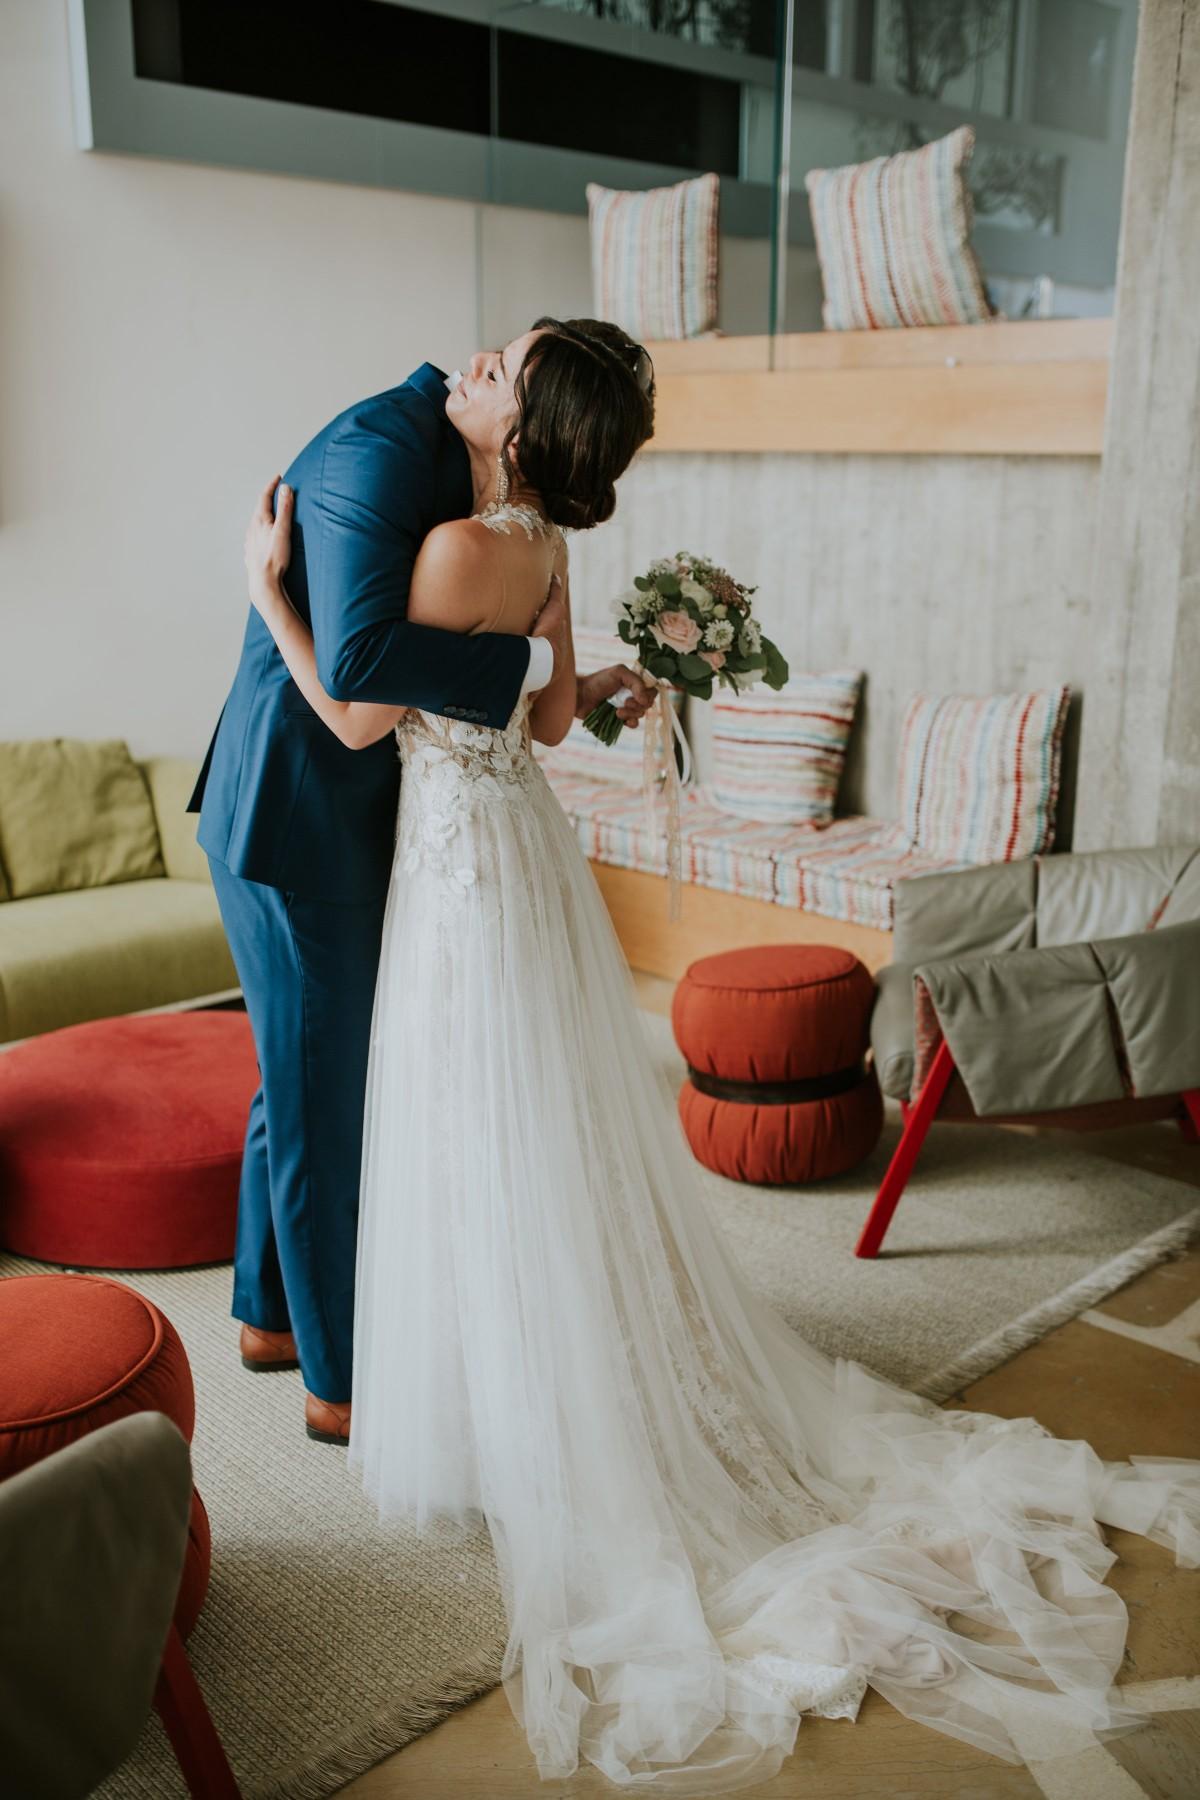 פריז בישראל: החתונה של נועה ורון